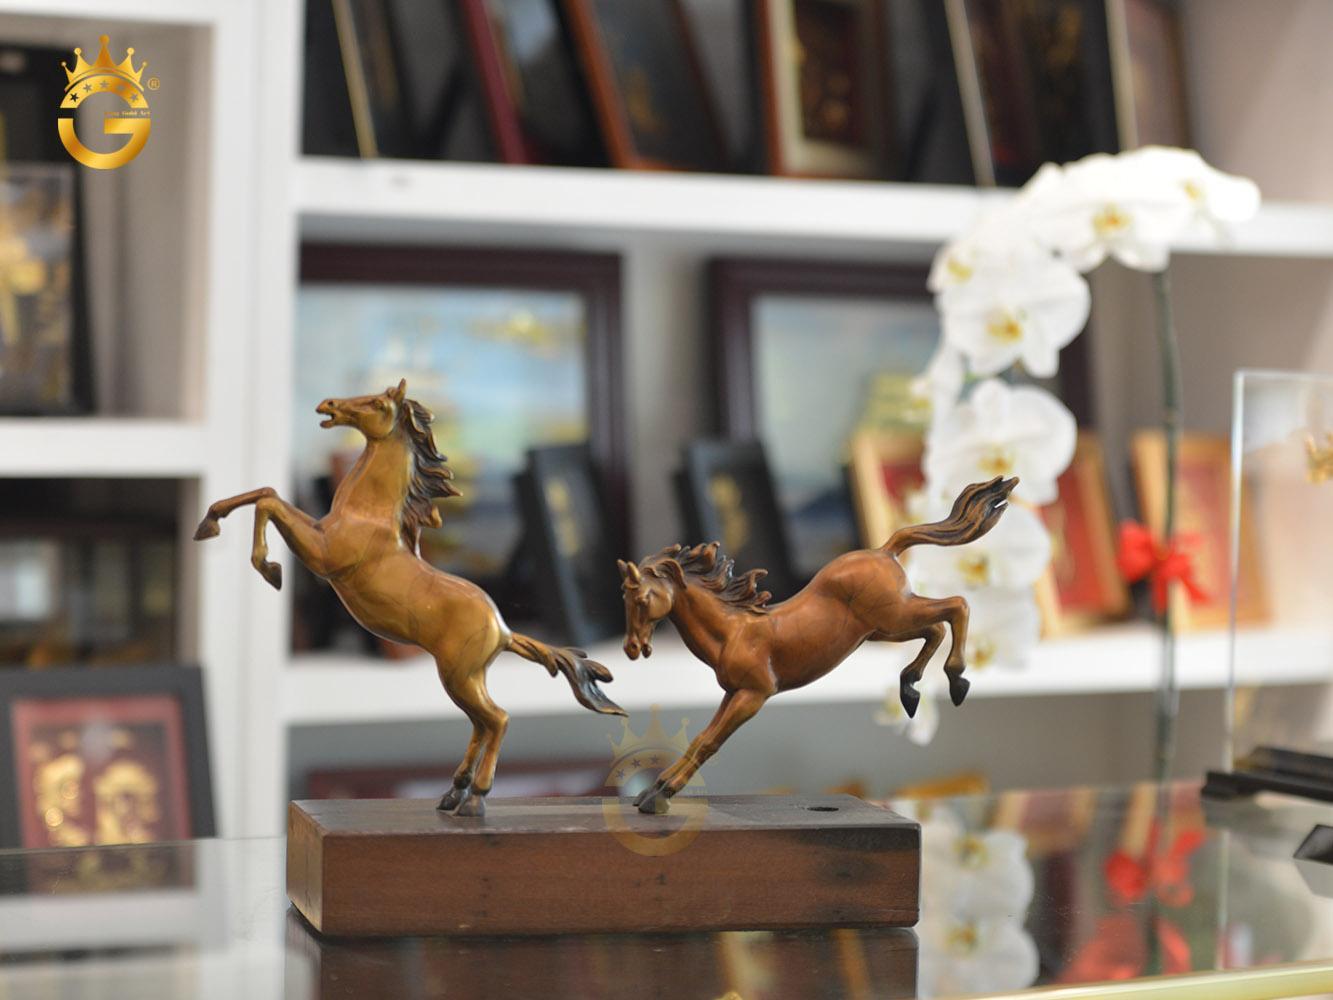 Tượng đồng song mã phát lộc, tượng linh vật phong thủy ngựa đồng